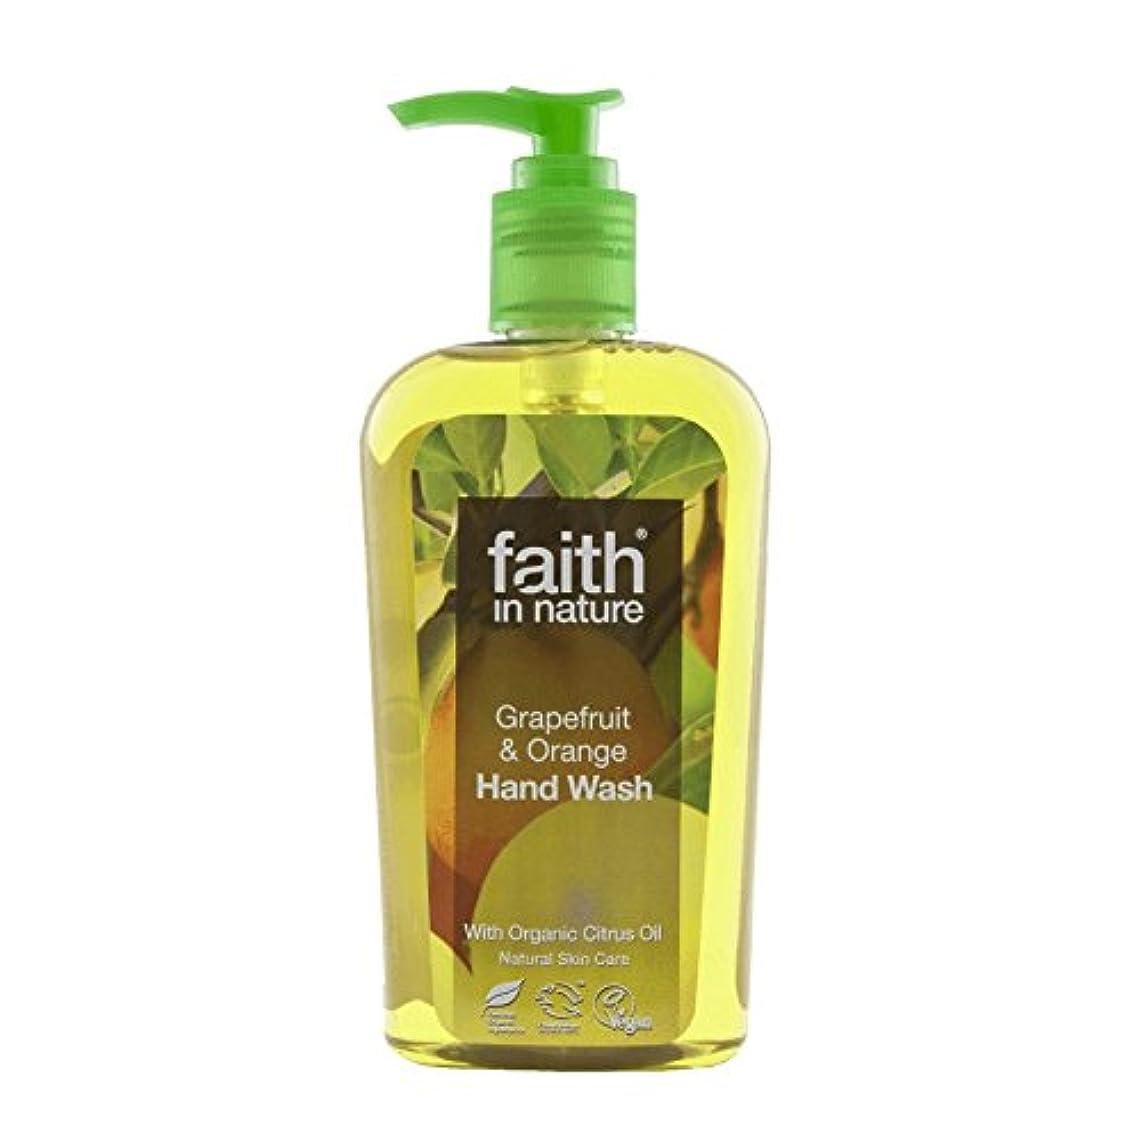 値するいらいらさせるメモ自然グレープフルーツ&オレンジ手洗いの300ミリリットルの信仰 - Faith In Nature Grapefruit & Orange Handwash 300ml (Faith in Nature) [並行輸入品]